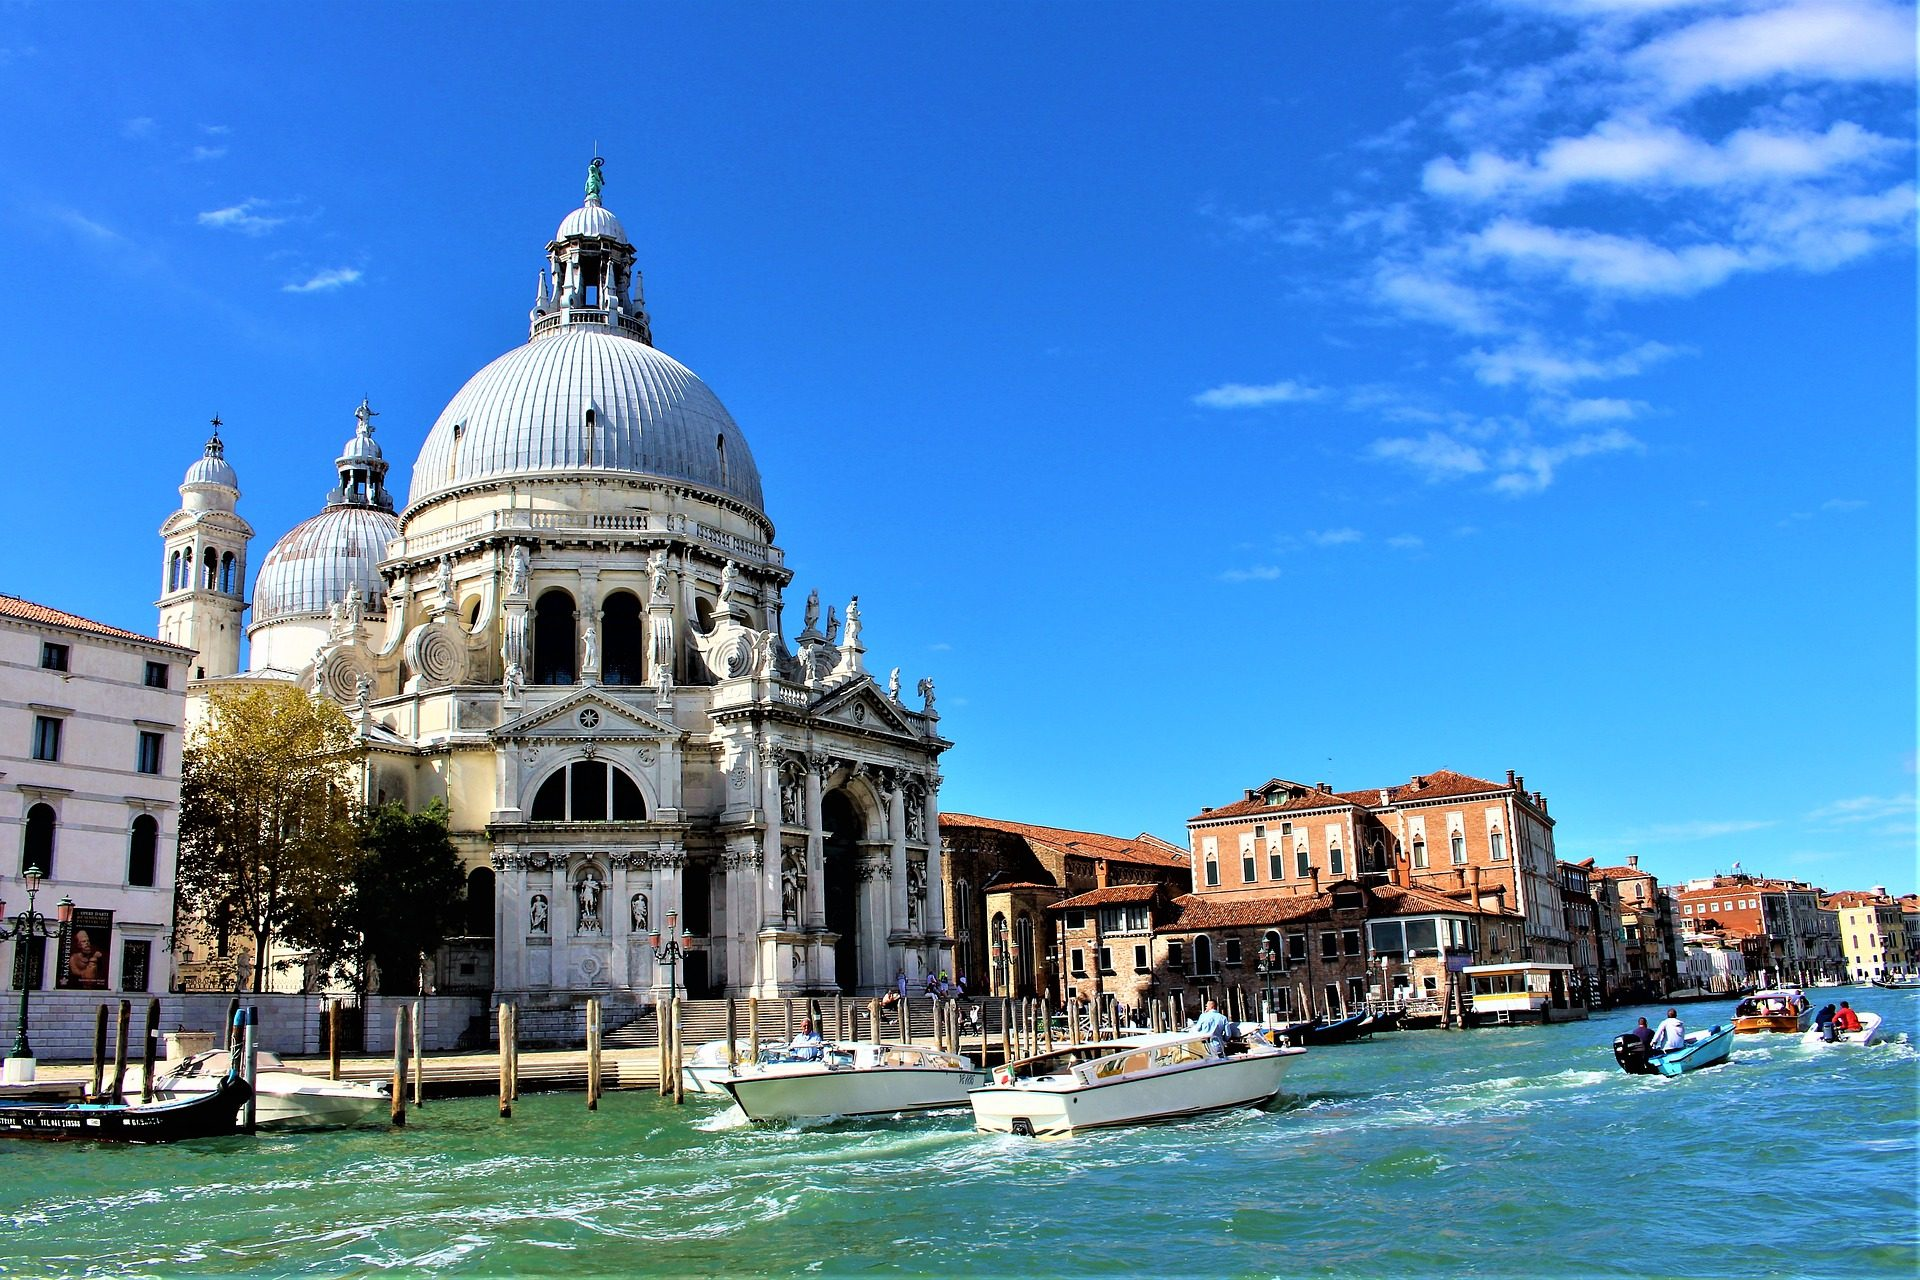 Chiesa, Cattedrale, canale, Barche, Città, Venezia - Sfondi HD - Professor-falken.com